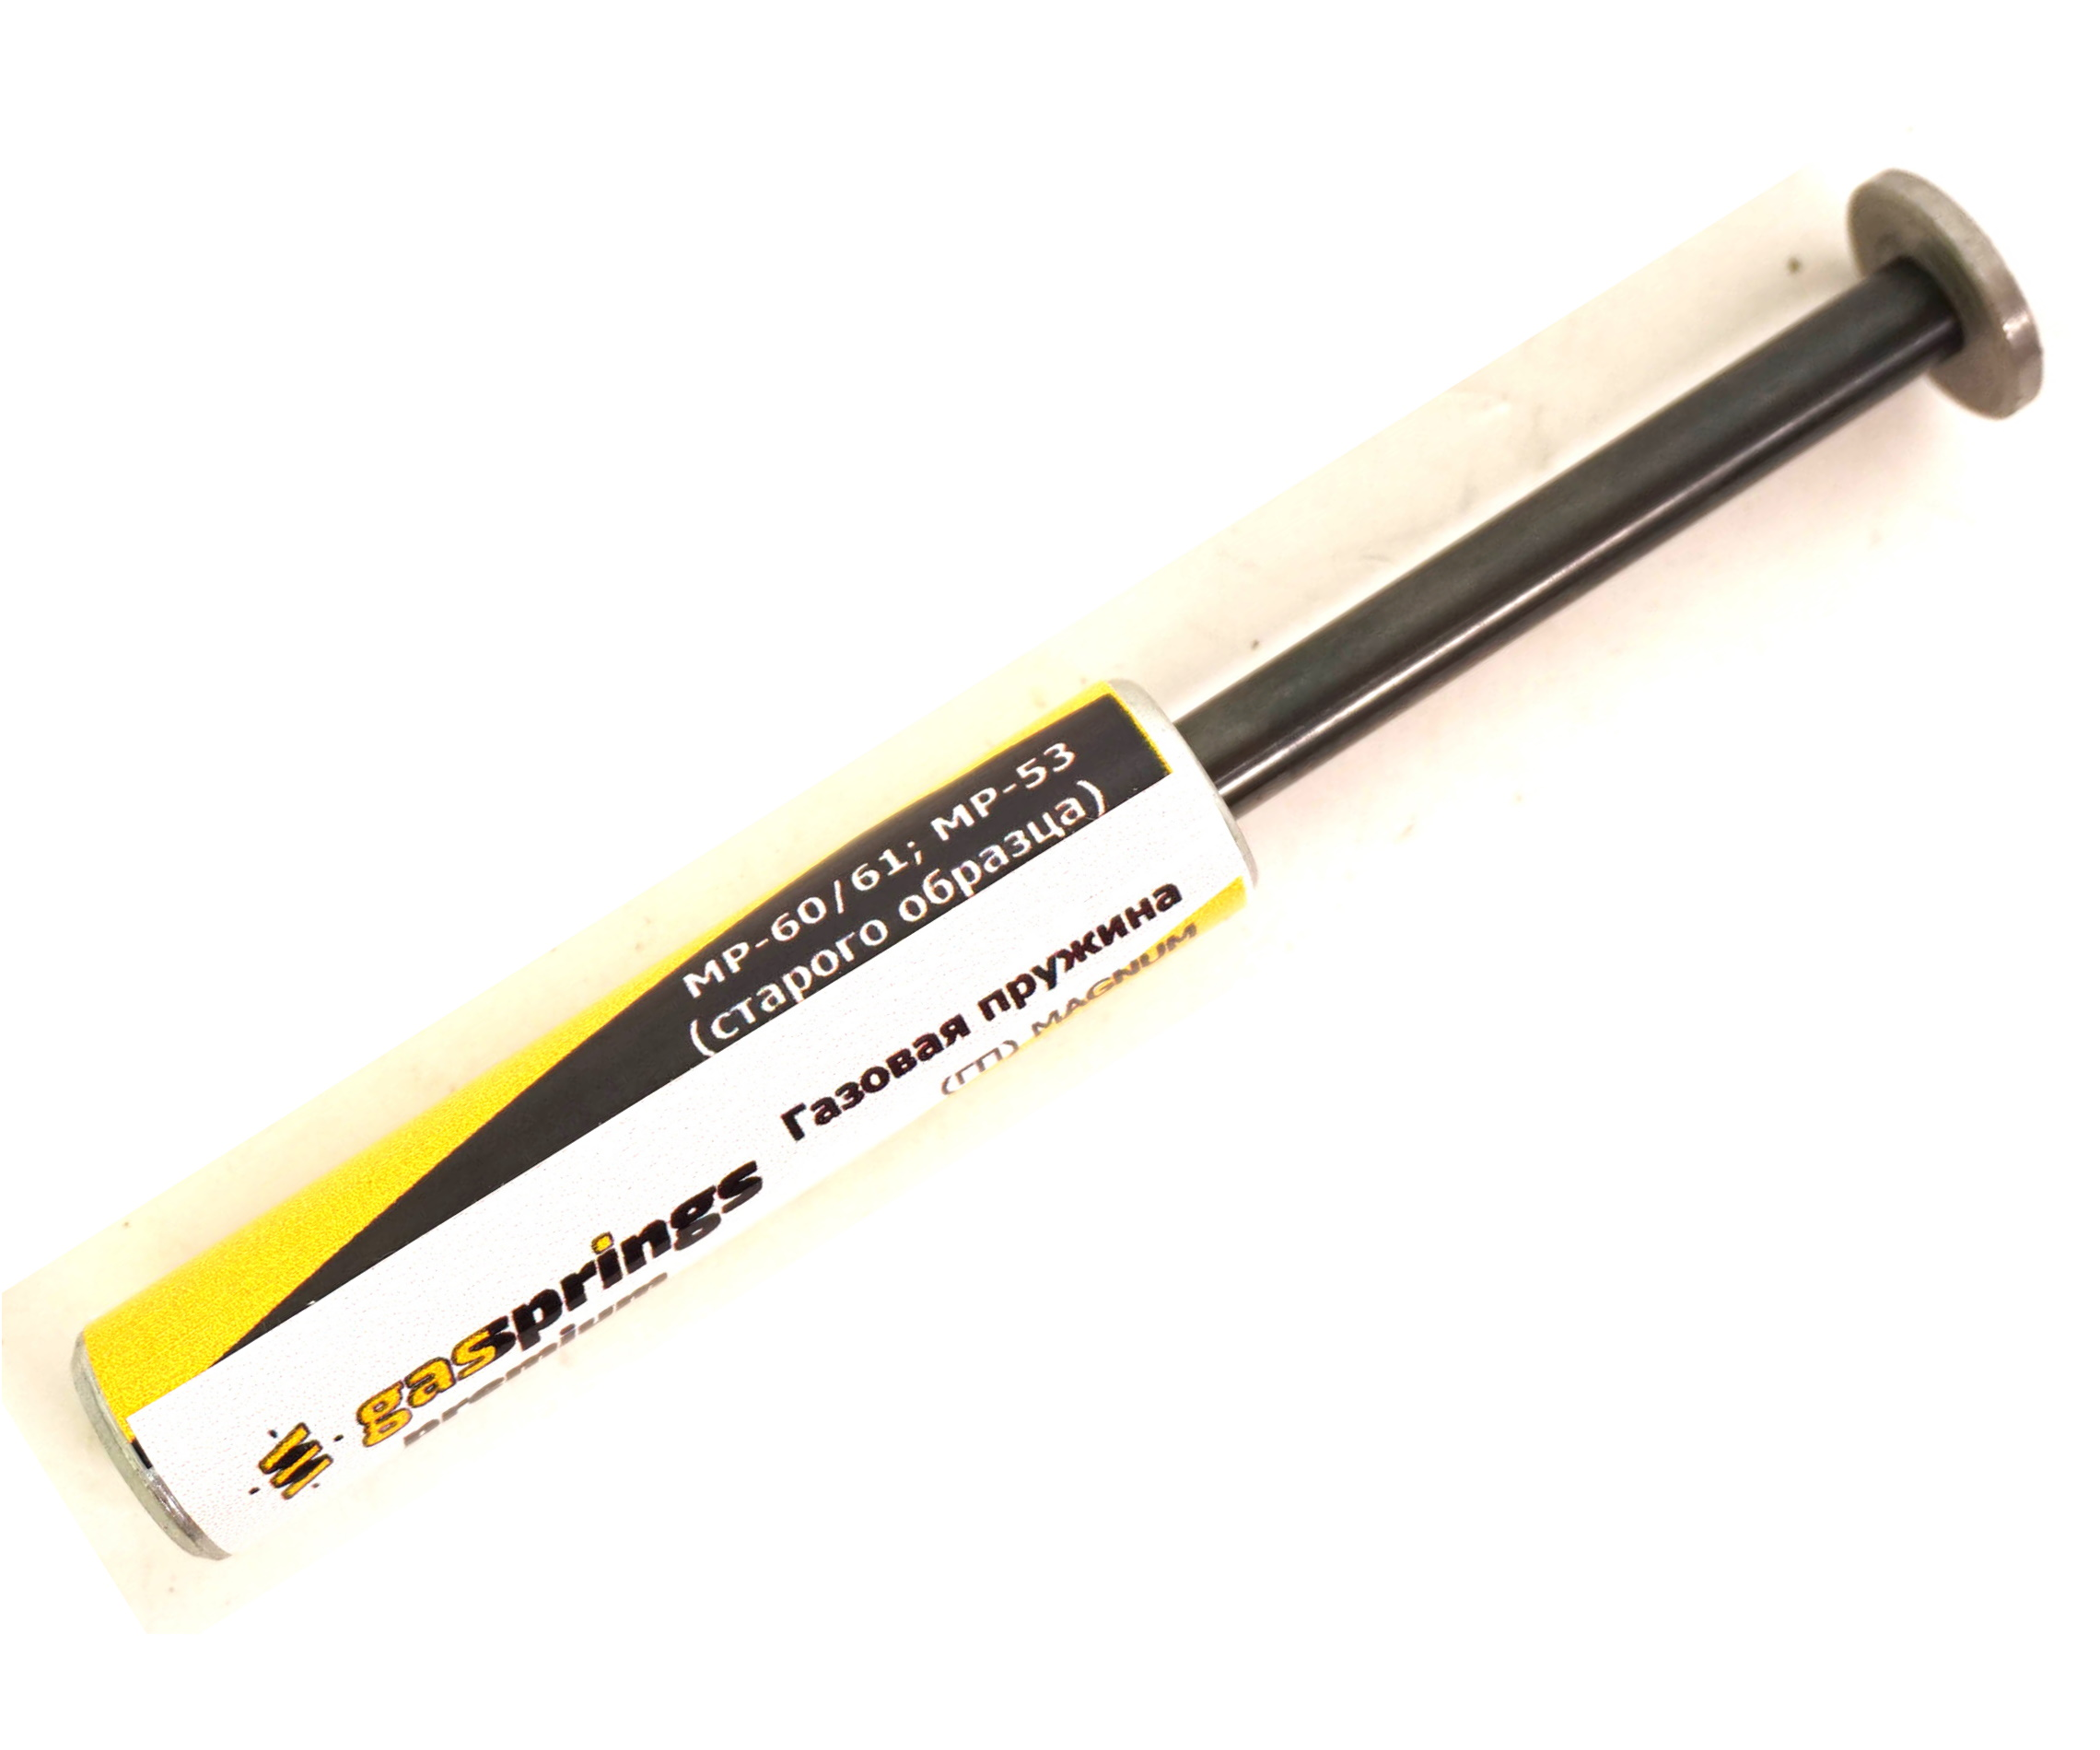 Газовая пружина для МР-60/61, МР-53 стар. образца «Магнум» (110 атм)